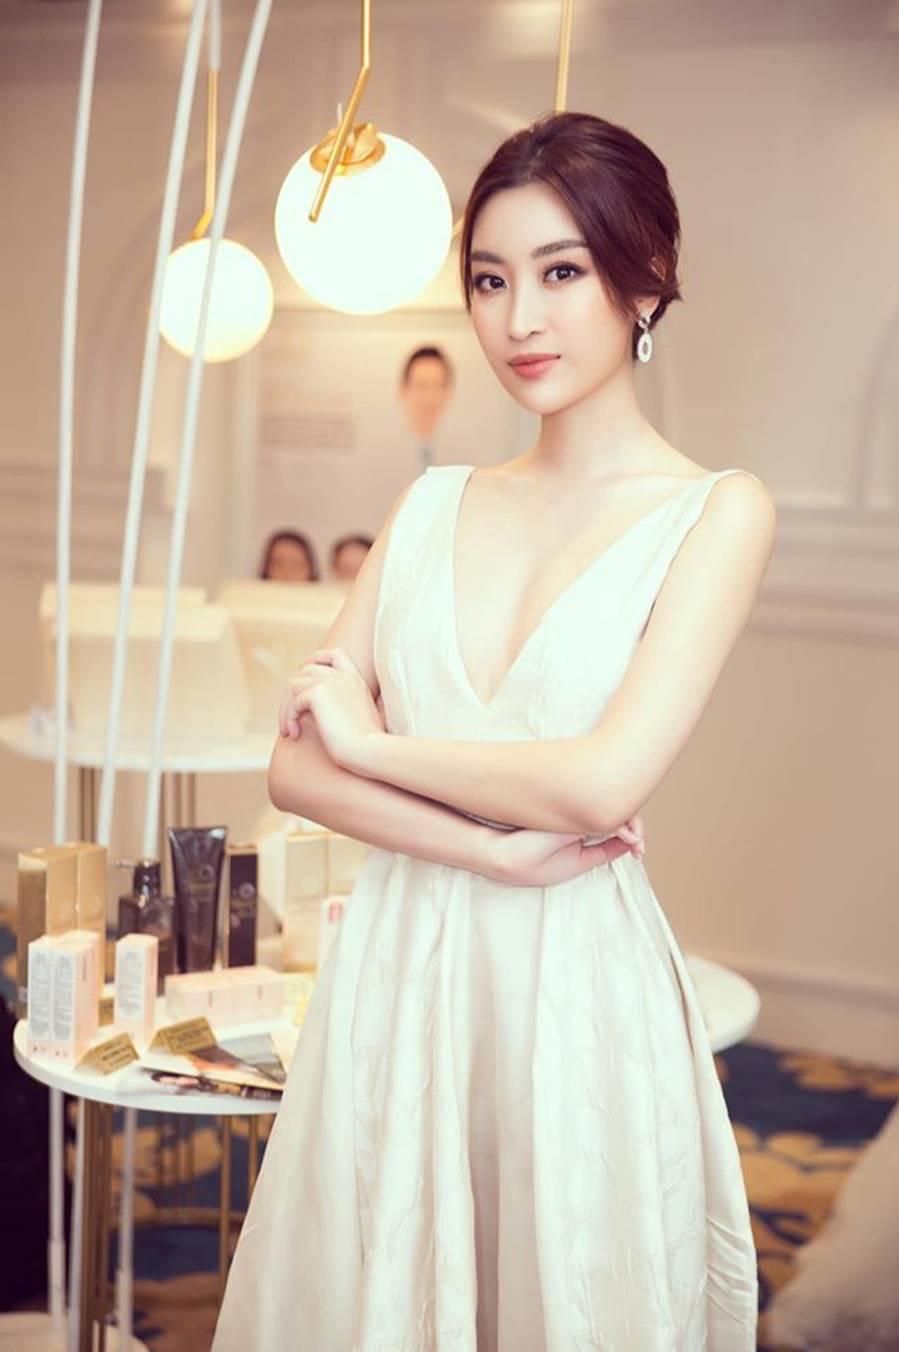 Tiểu Vy, Phương Nga, Thúy An đọ sắc với váy cắt xẻ táo bạo và gợi cảm-10